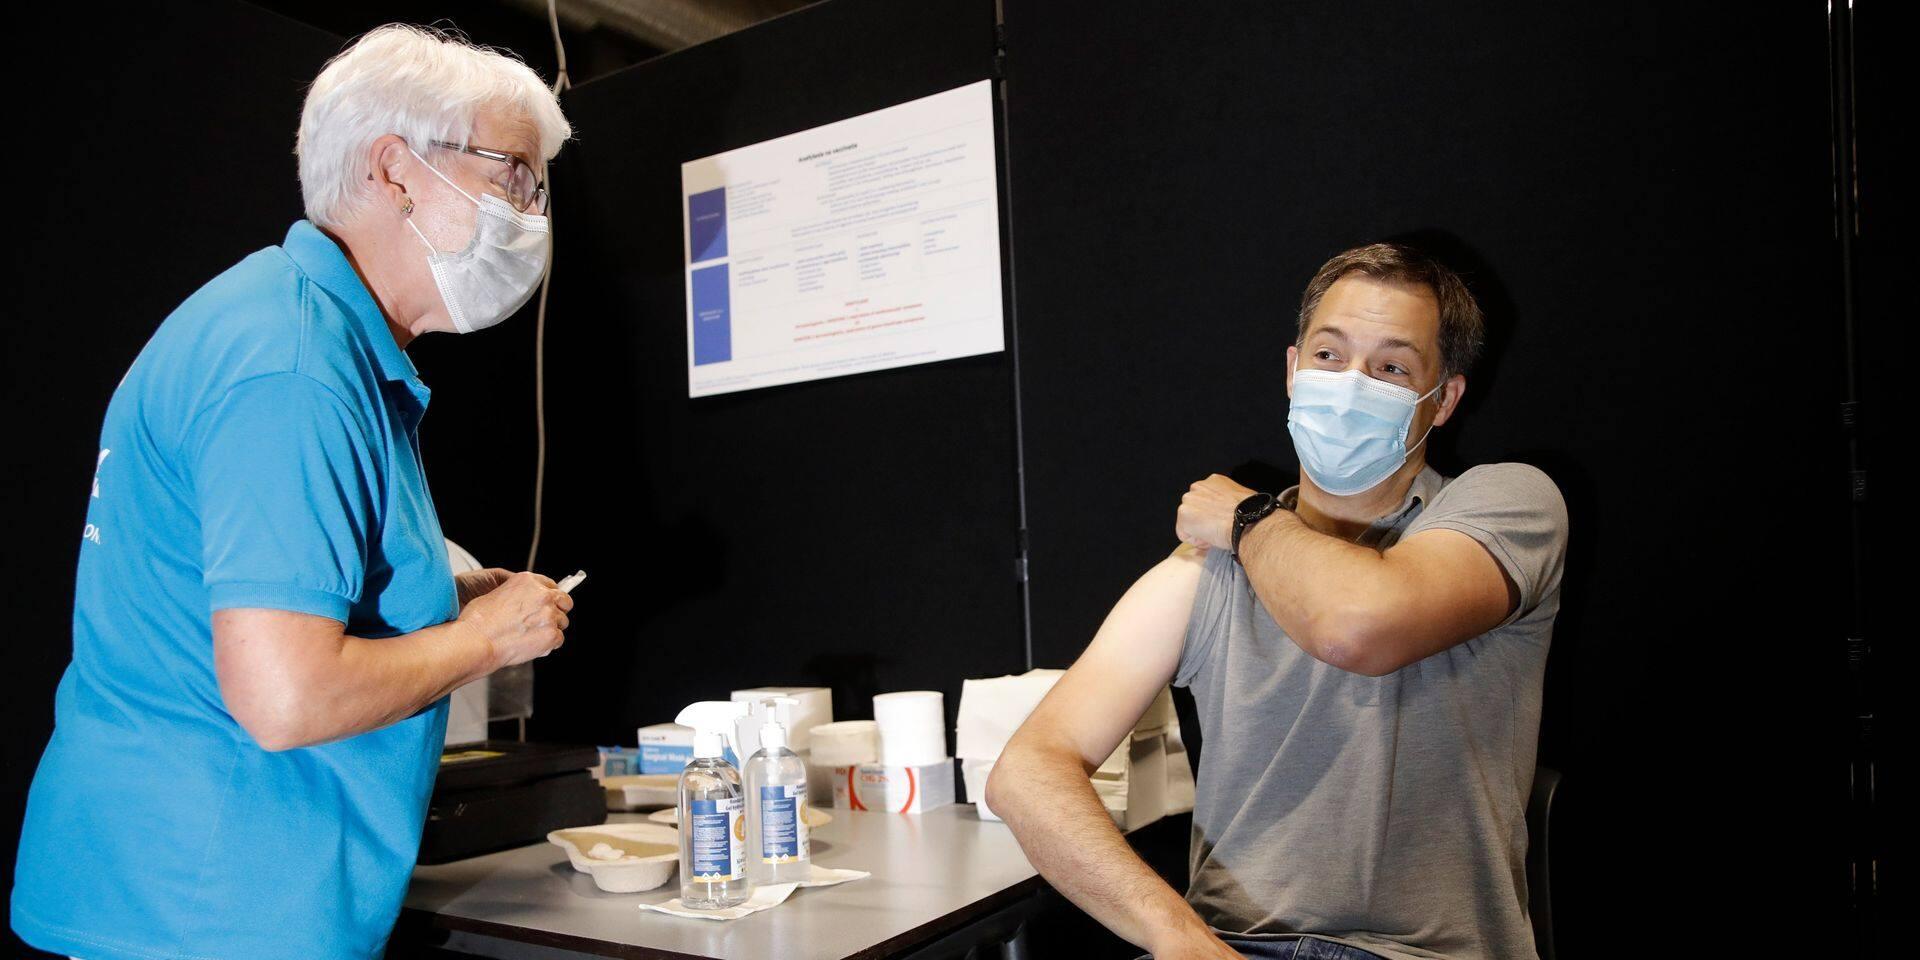 Vaccin obligatoire: qui en veut, qui n'en veut pas ? Nos partis sont divisés, le MR adopte une position trouble